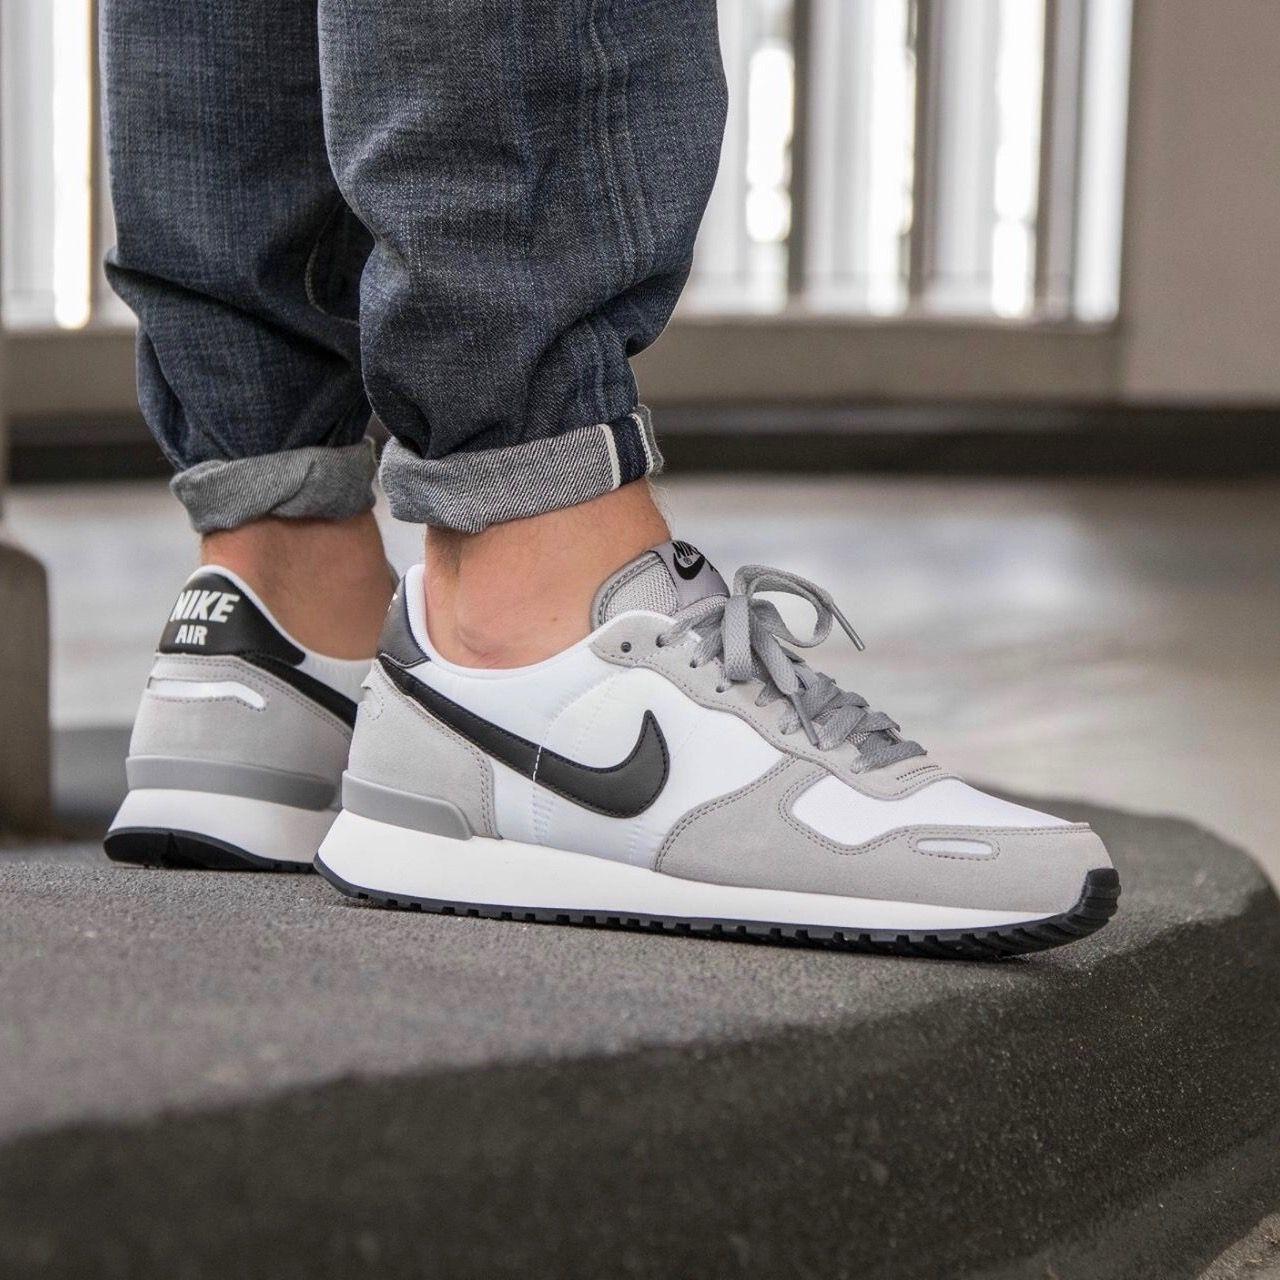 new style 058a2 943a6 Nike Air Vortex   Sneakers  Nike Air Vortex in 2019   Nike air, Nike ...